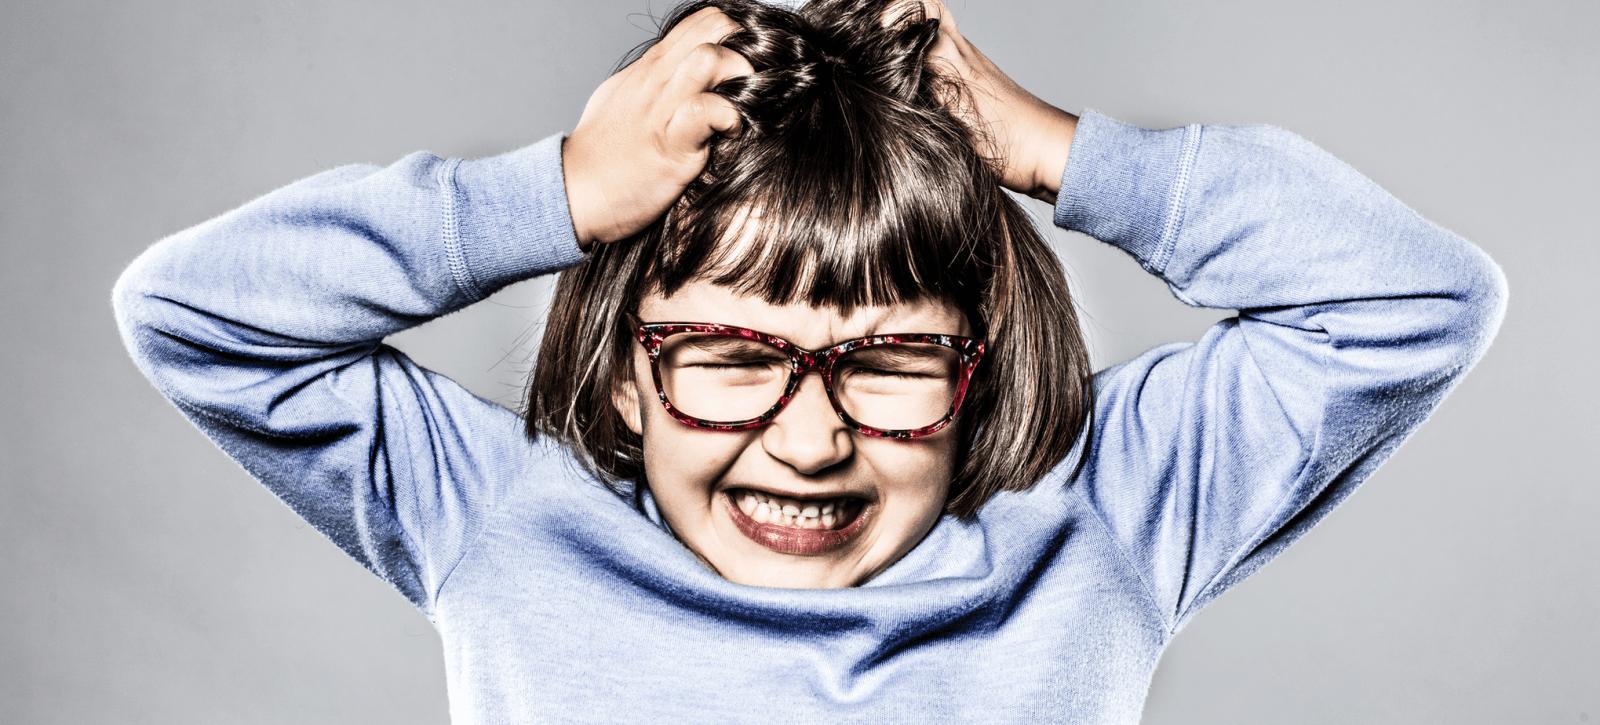 diagnostics -santé mentale infantile